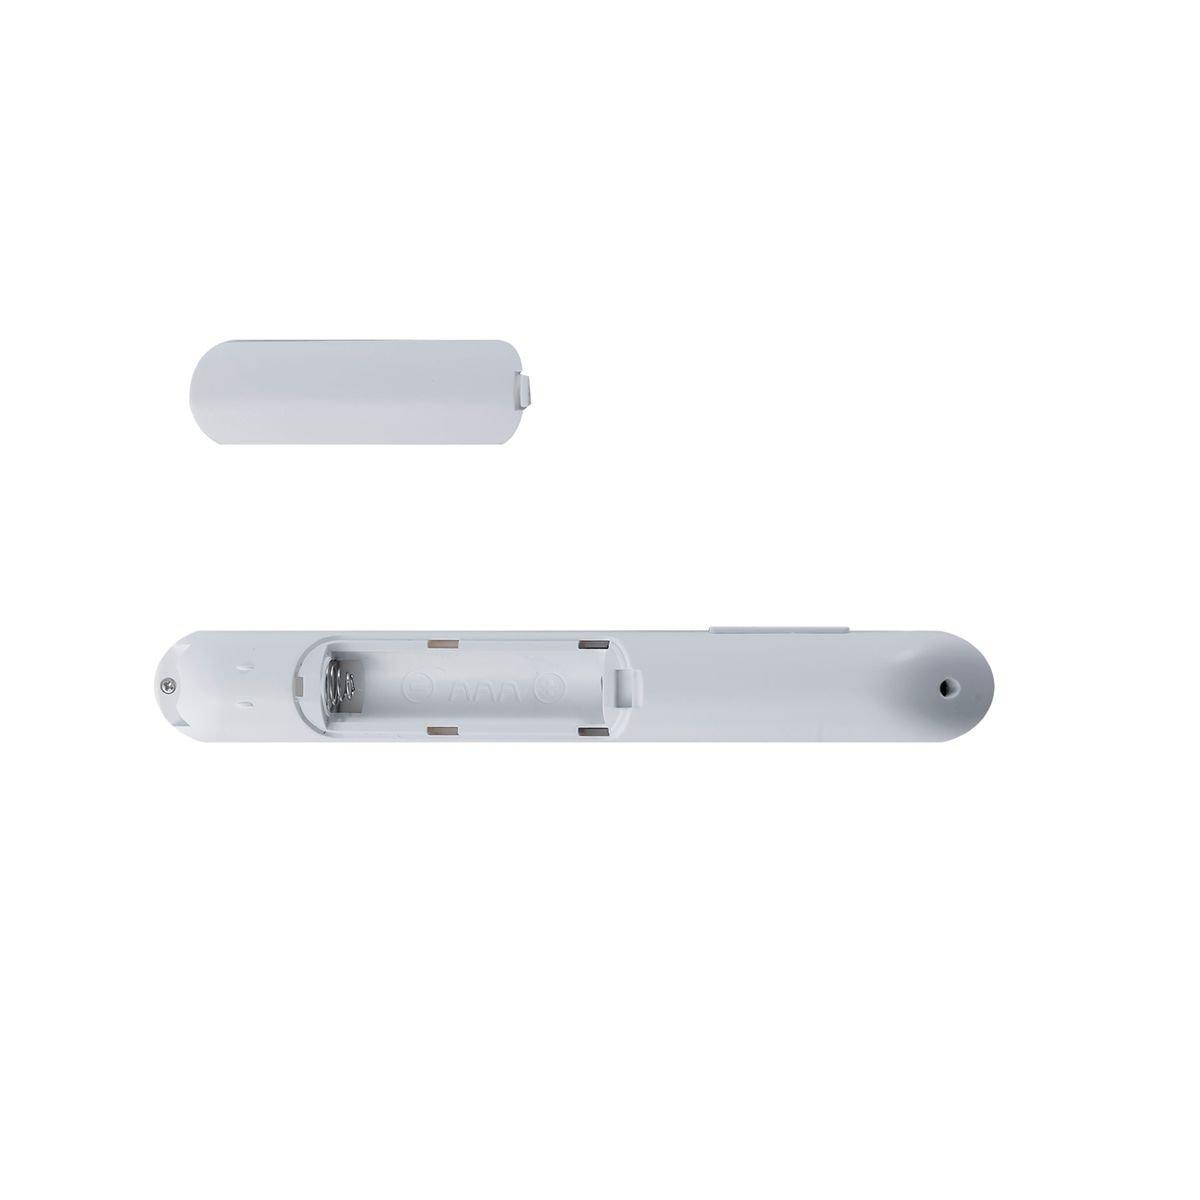 Wireless Laser Presenter, Restar 2.4GHz Wireless USB PowerPoint Presentation Remote Control Pointer Clicker Presenter Laser Flip Pen with Clip (White) by Restar Laser Pointer (Image #8)